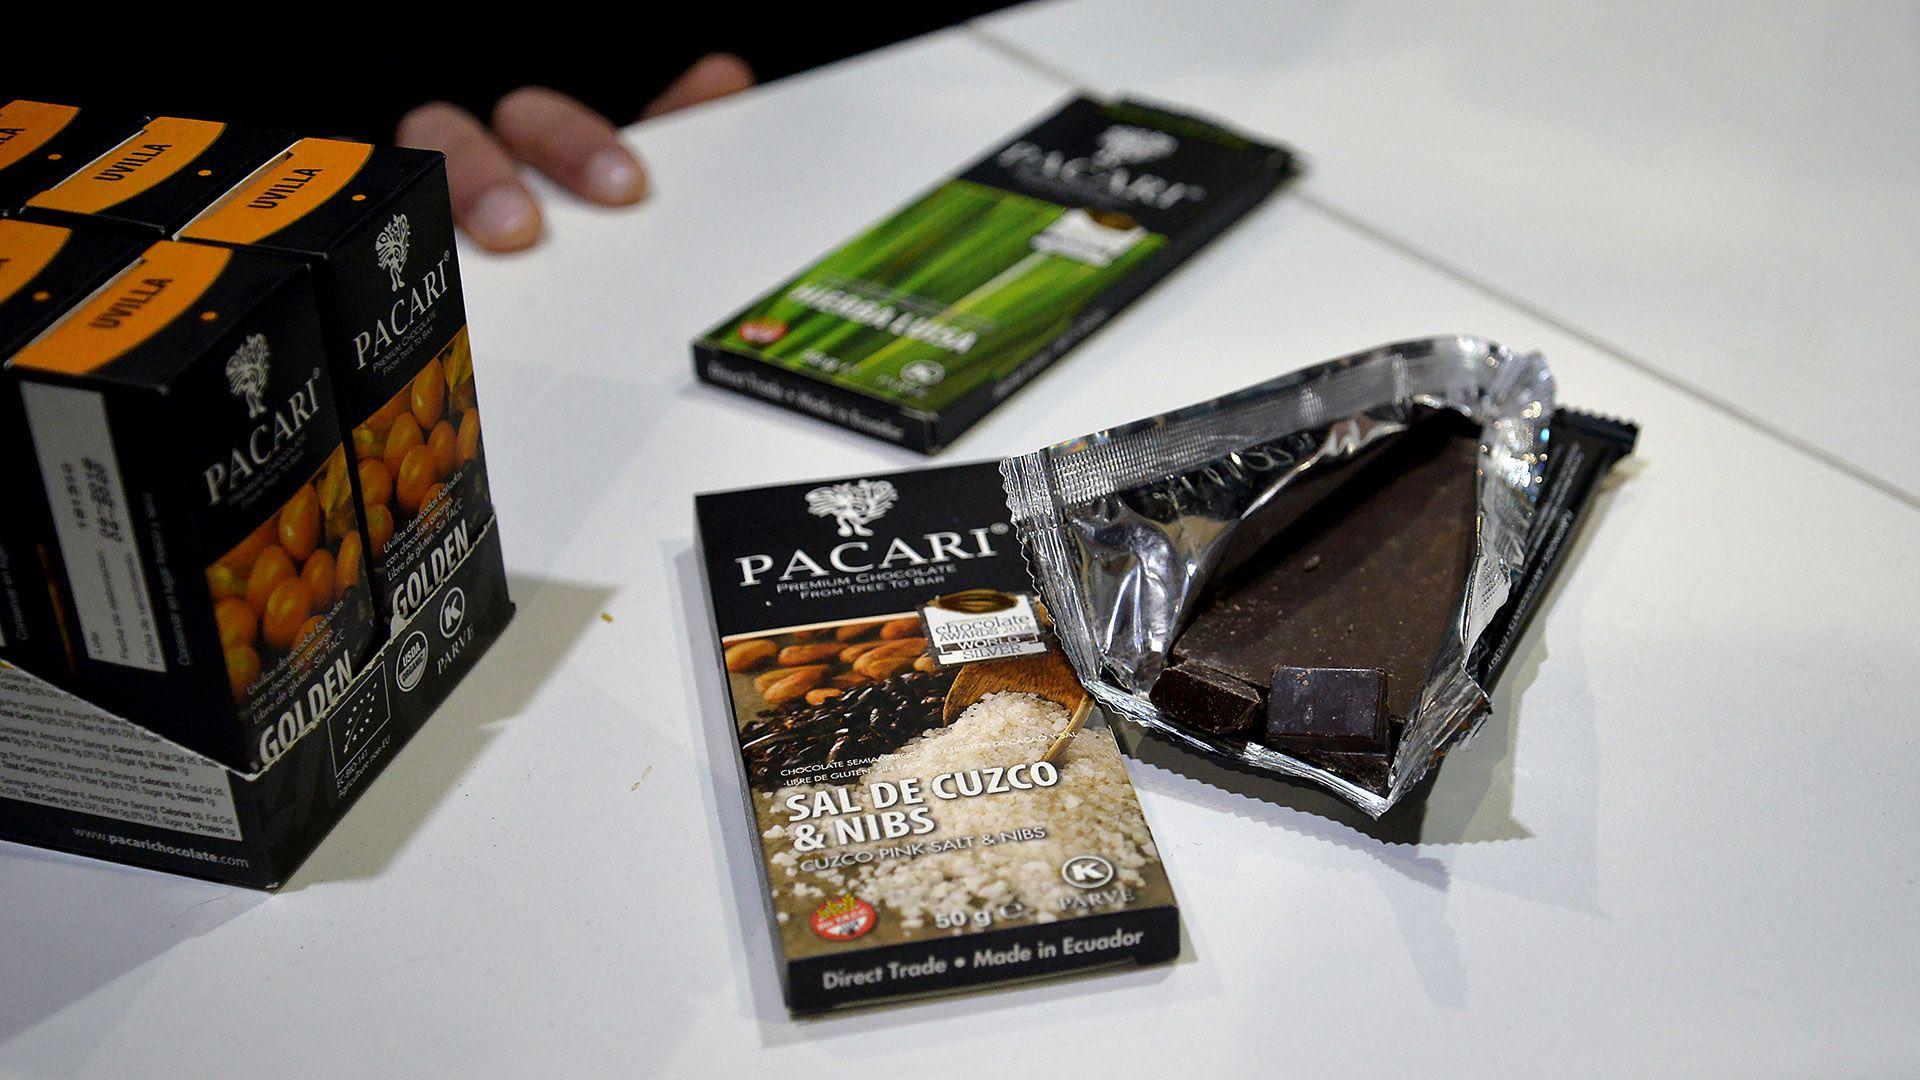 Con sal de Cuzco y Nibs, uno de los chocolate estrella del stand saludable orgánico